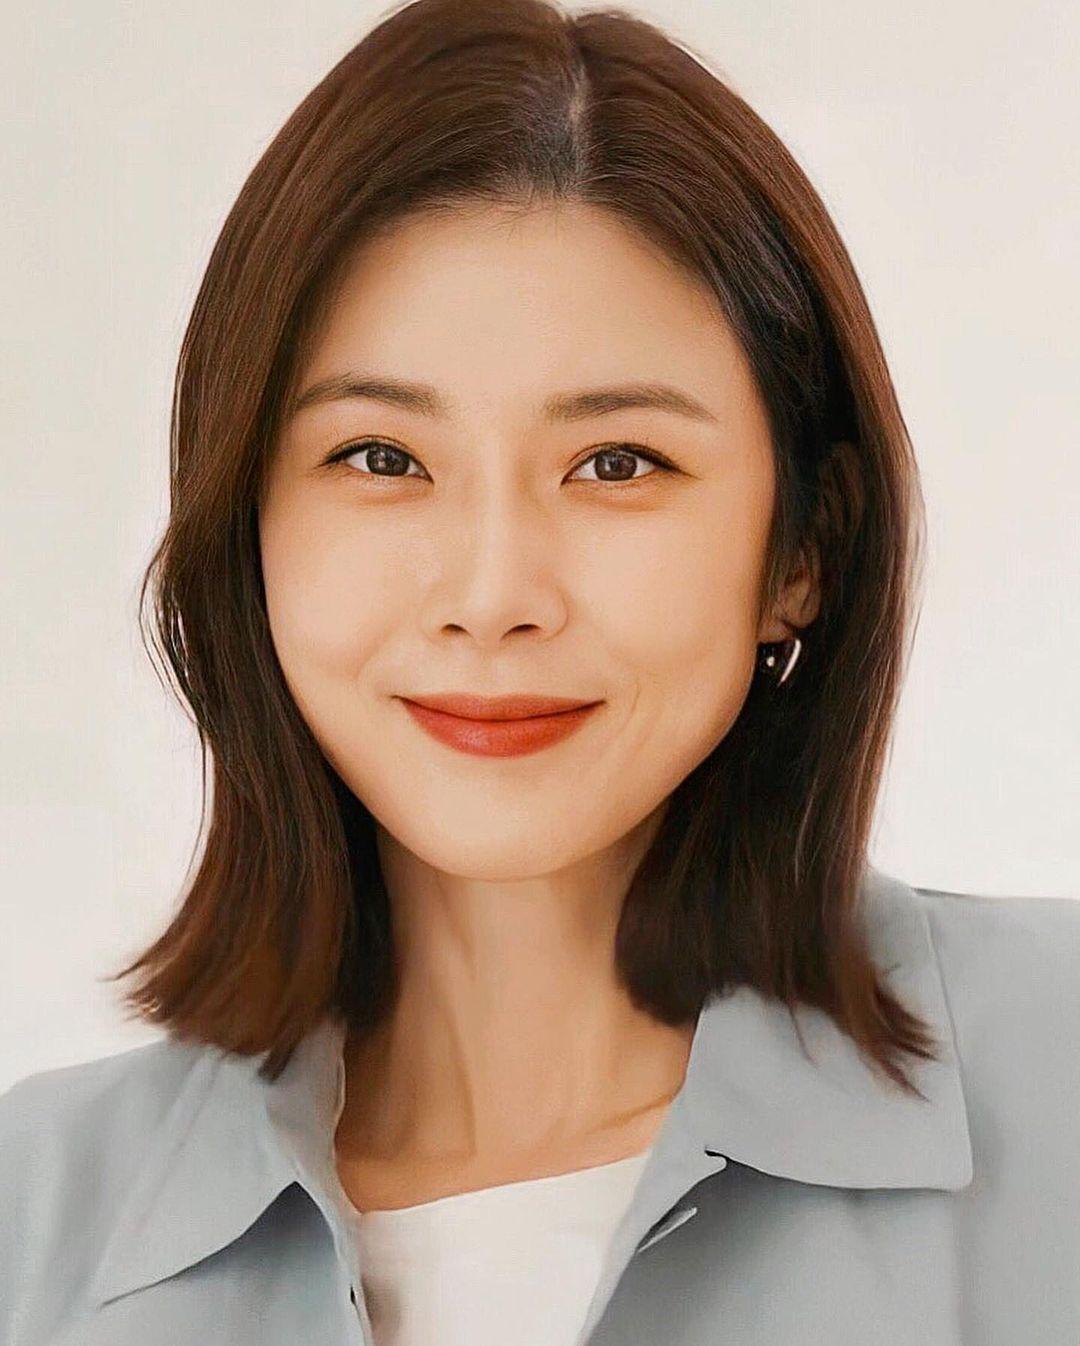 11 Aktris Korea Yang Semakin Bersinar, Padahal Dulunya Model 9